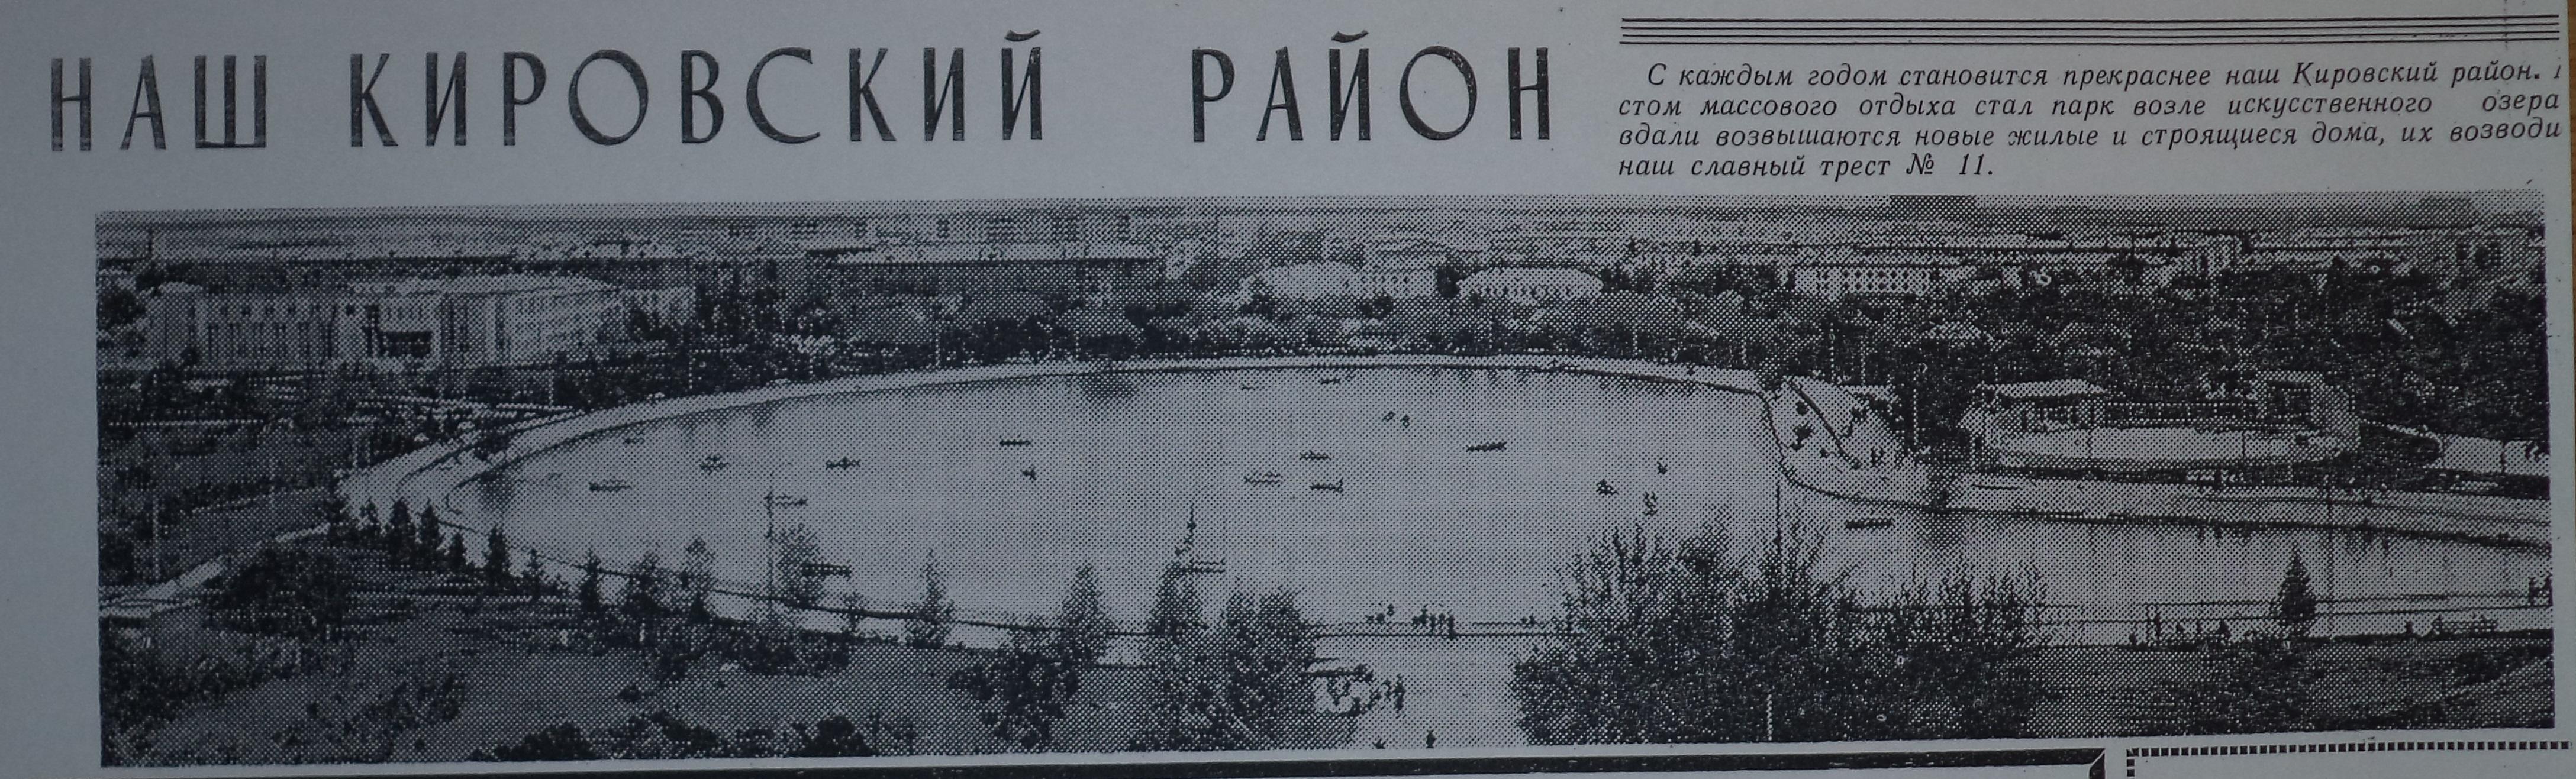 Енисейская-ФОТО-15-Труд Строителя-1974-21 августа